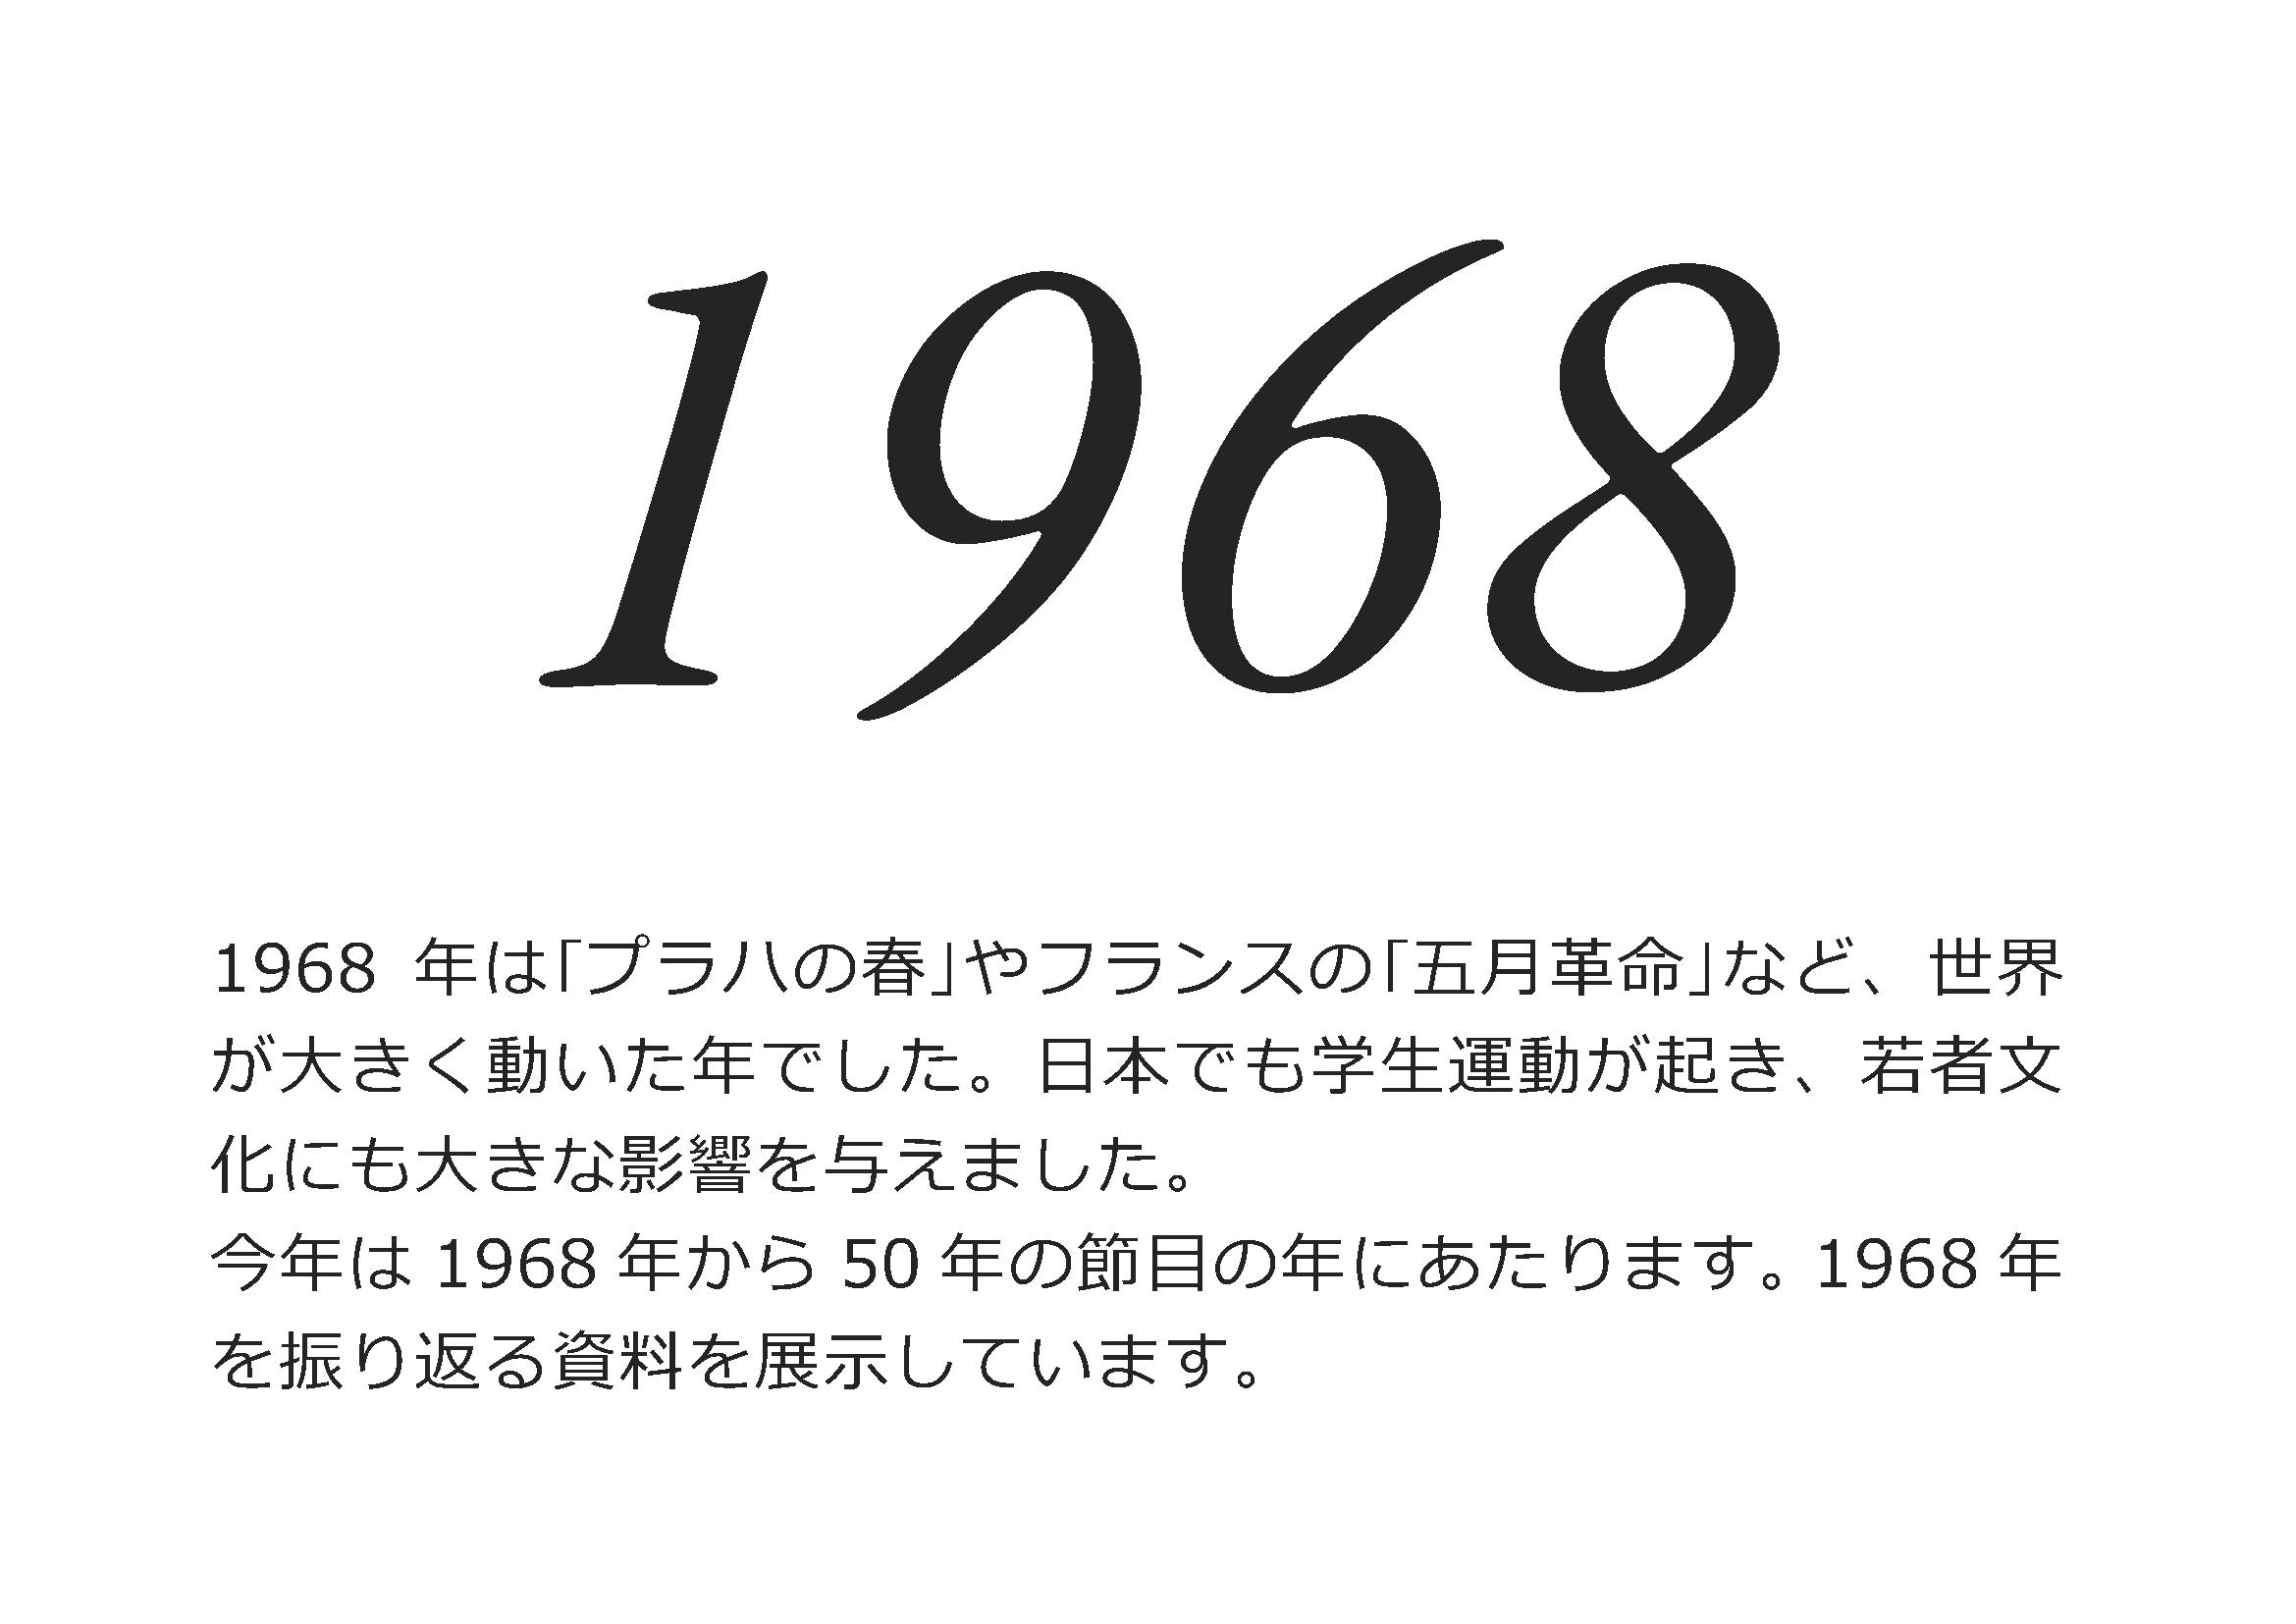 展示「1968」